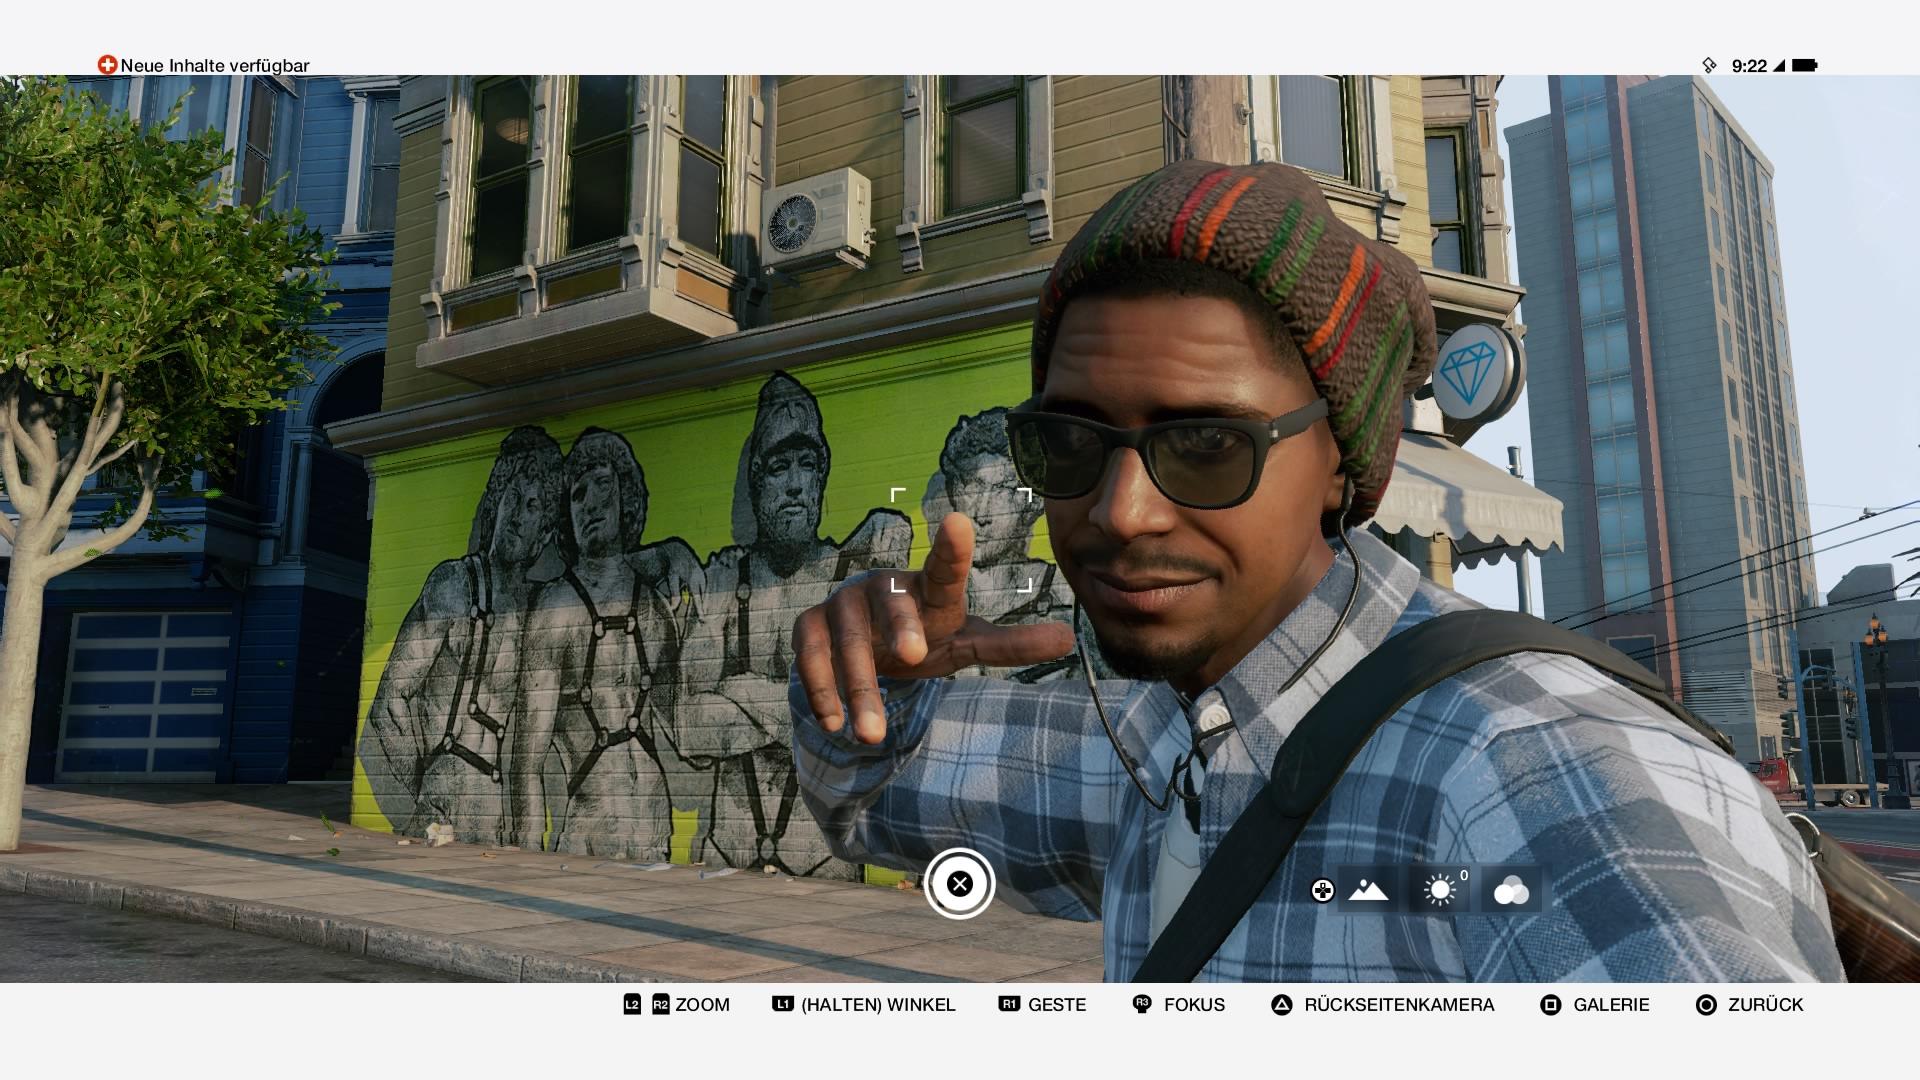 Selfie-Time! Auch Watch Dogs 2 geht mit der Zeit.